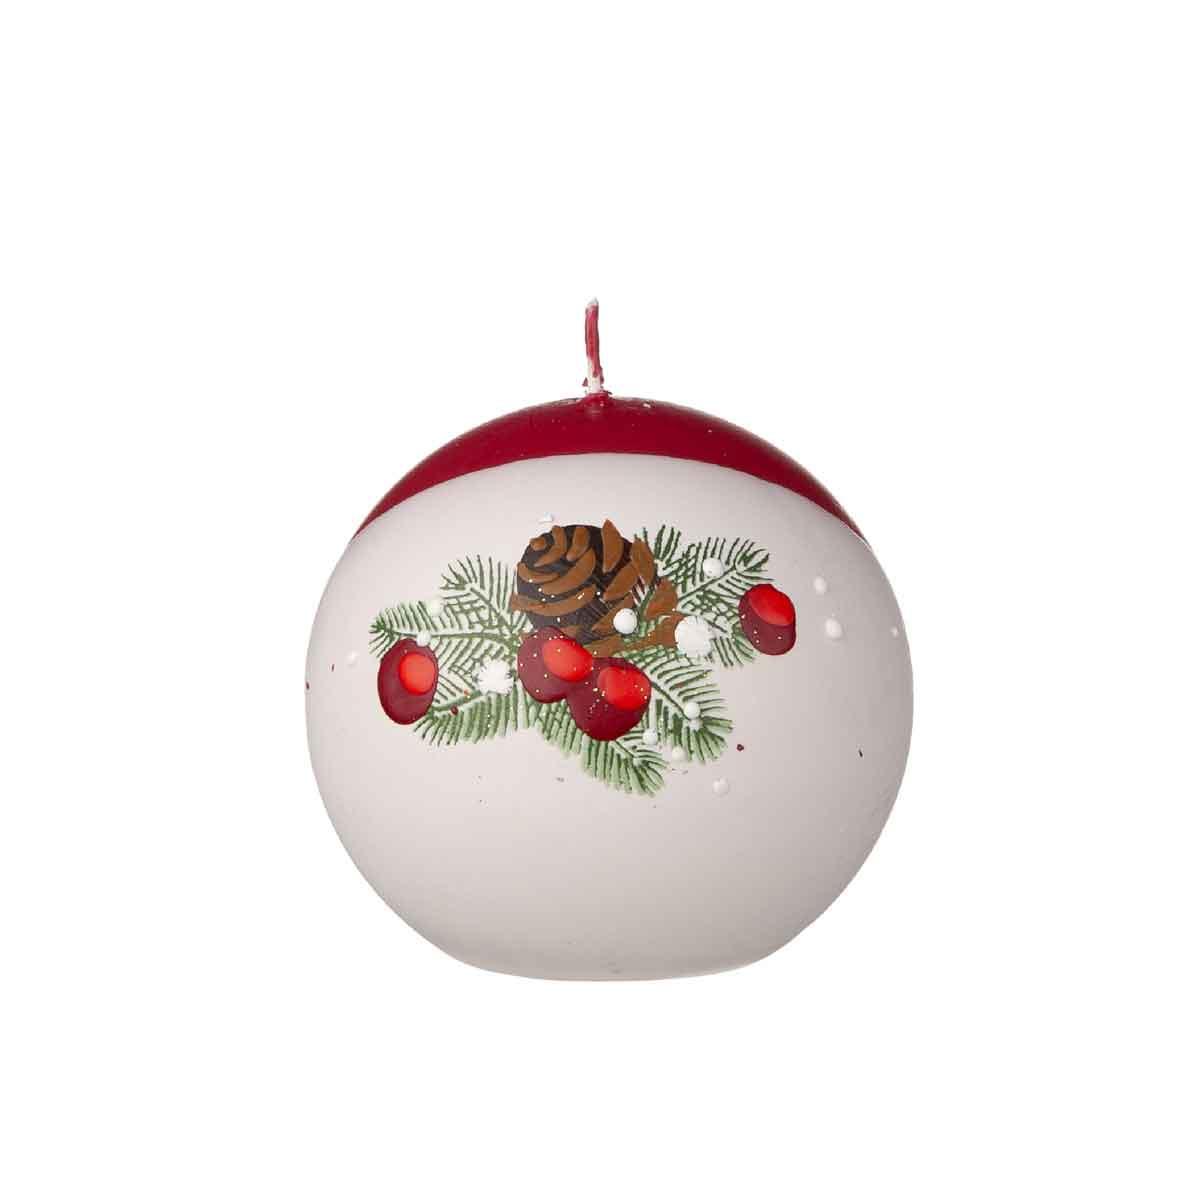 Candela sferica con rami di pino, bianca e rossa diametro 8 cm